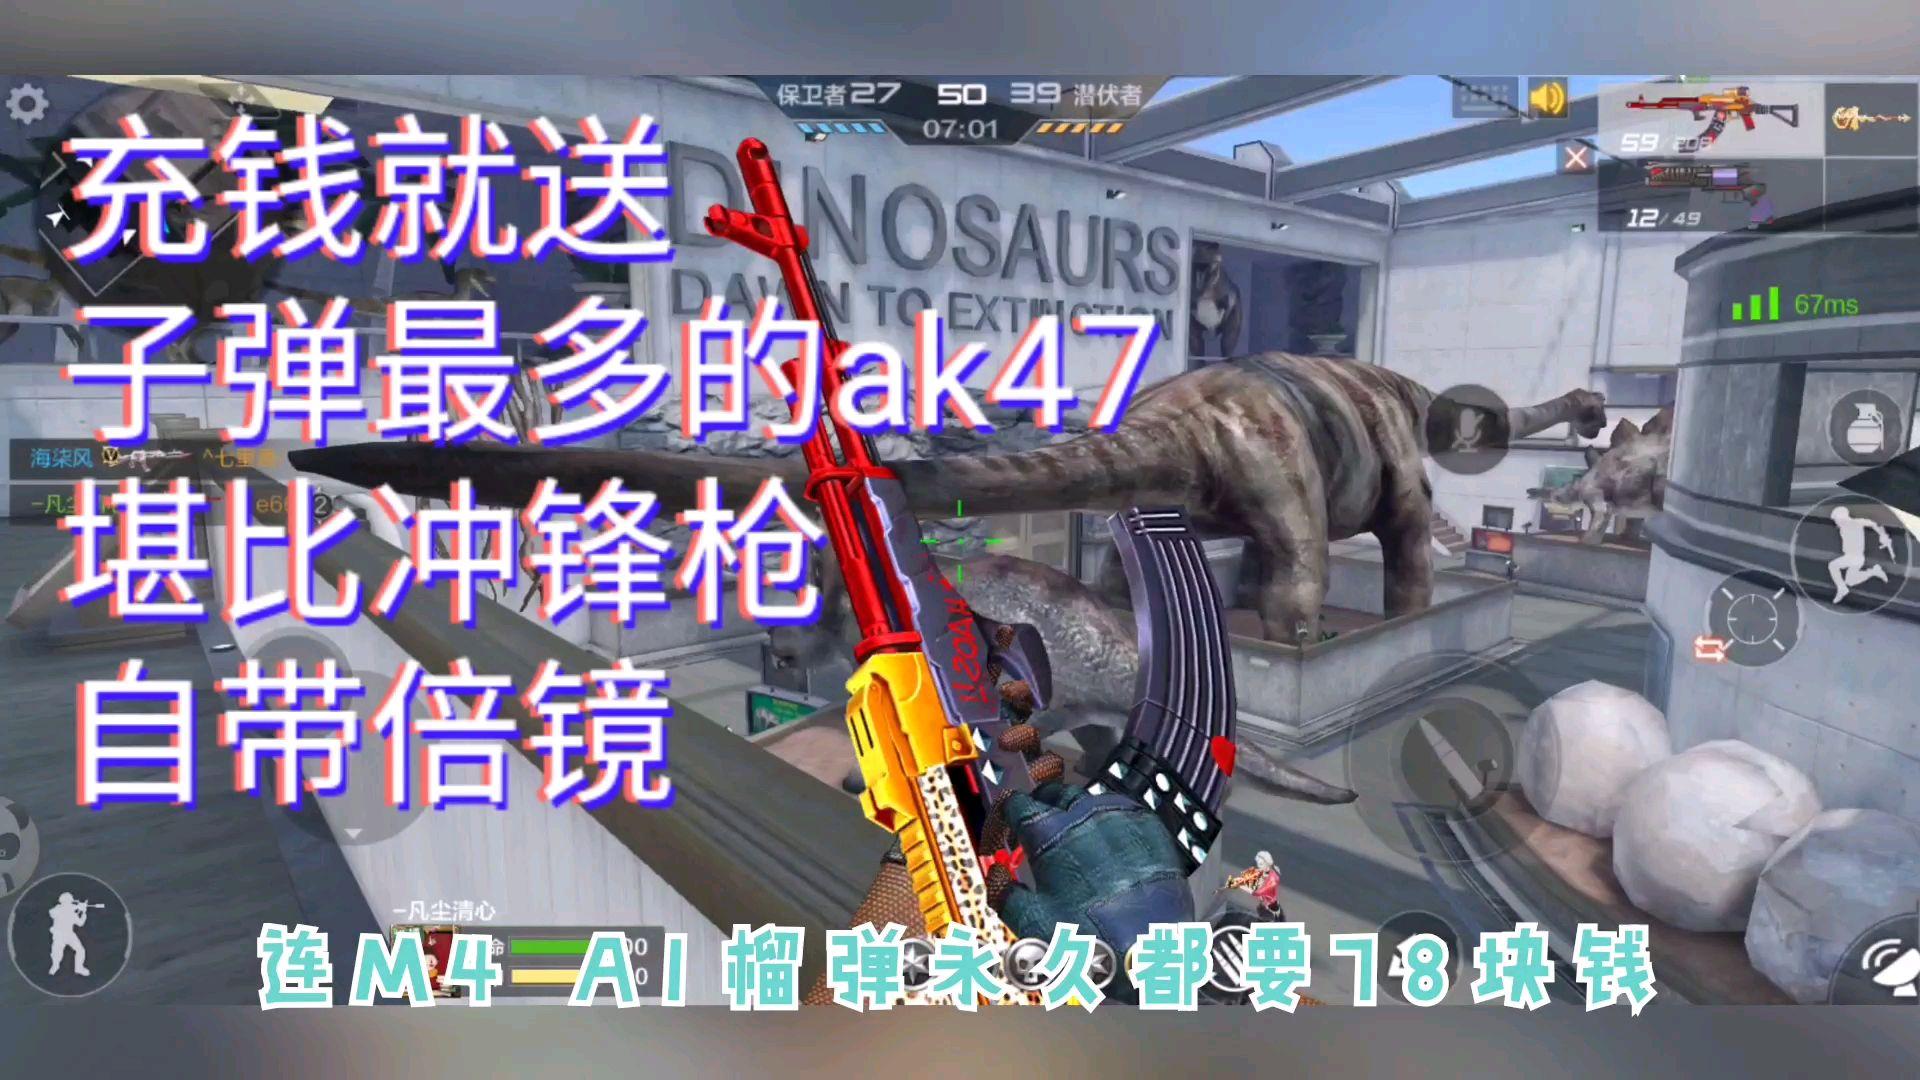 【cfm超超说】穿越火线手游首充活得的武器子弹最多的ak47